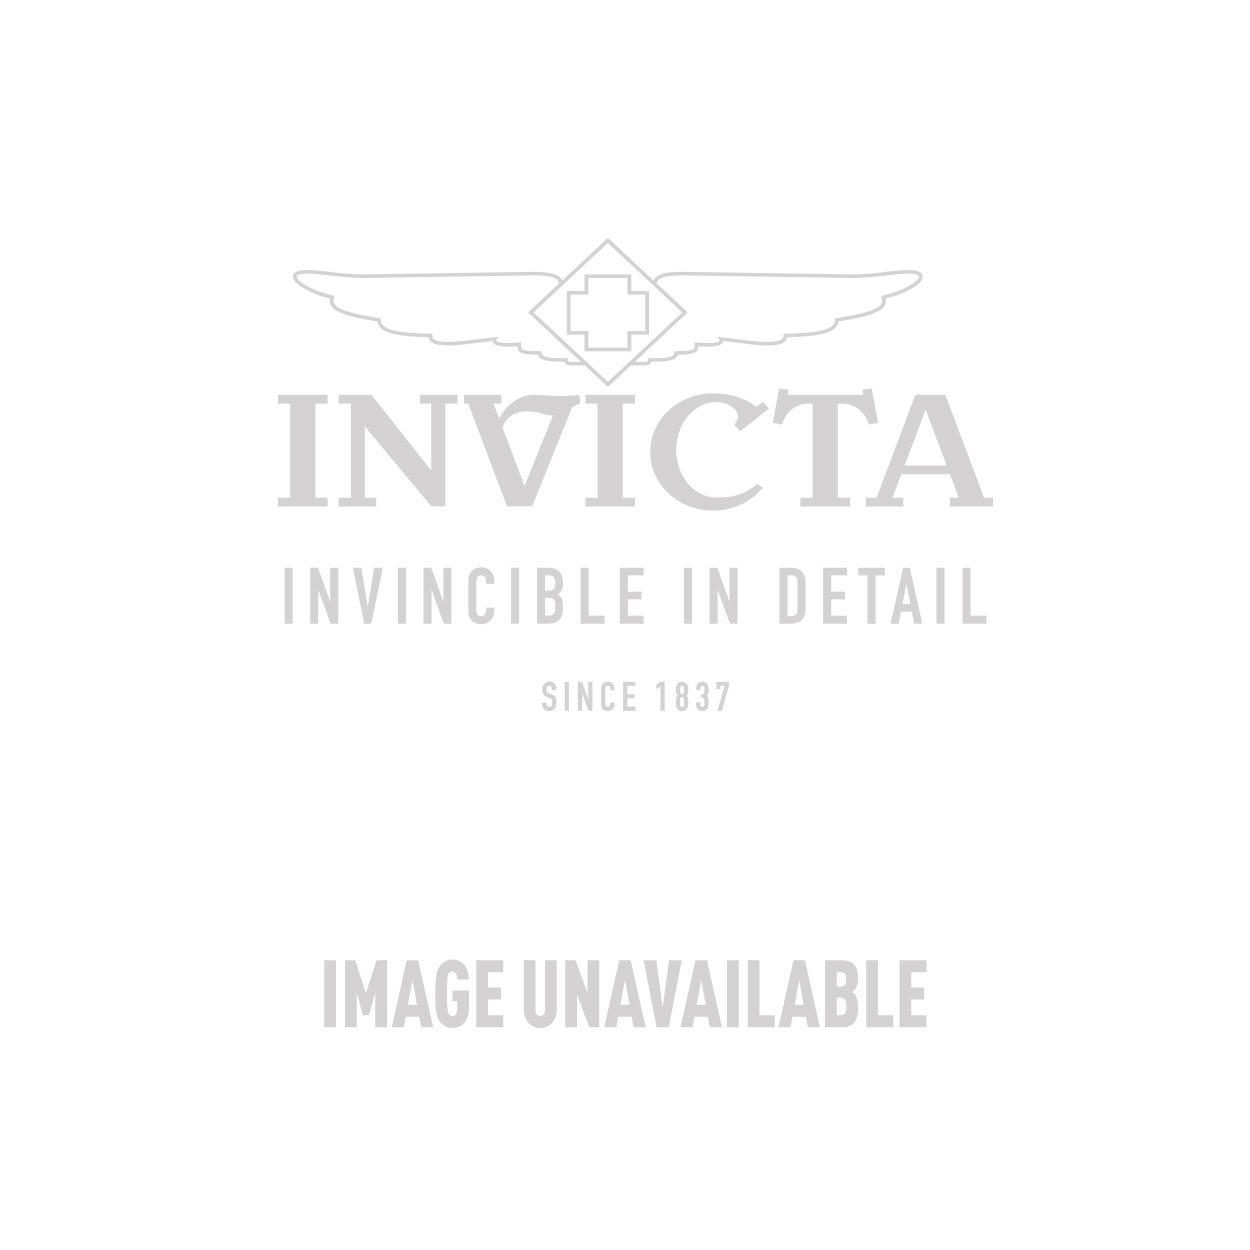 Invicta Model 27963